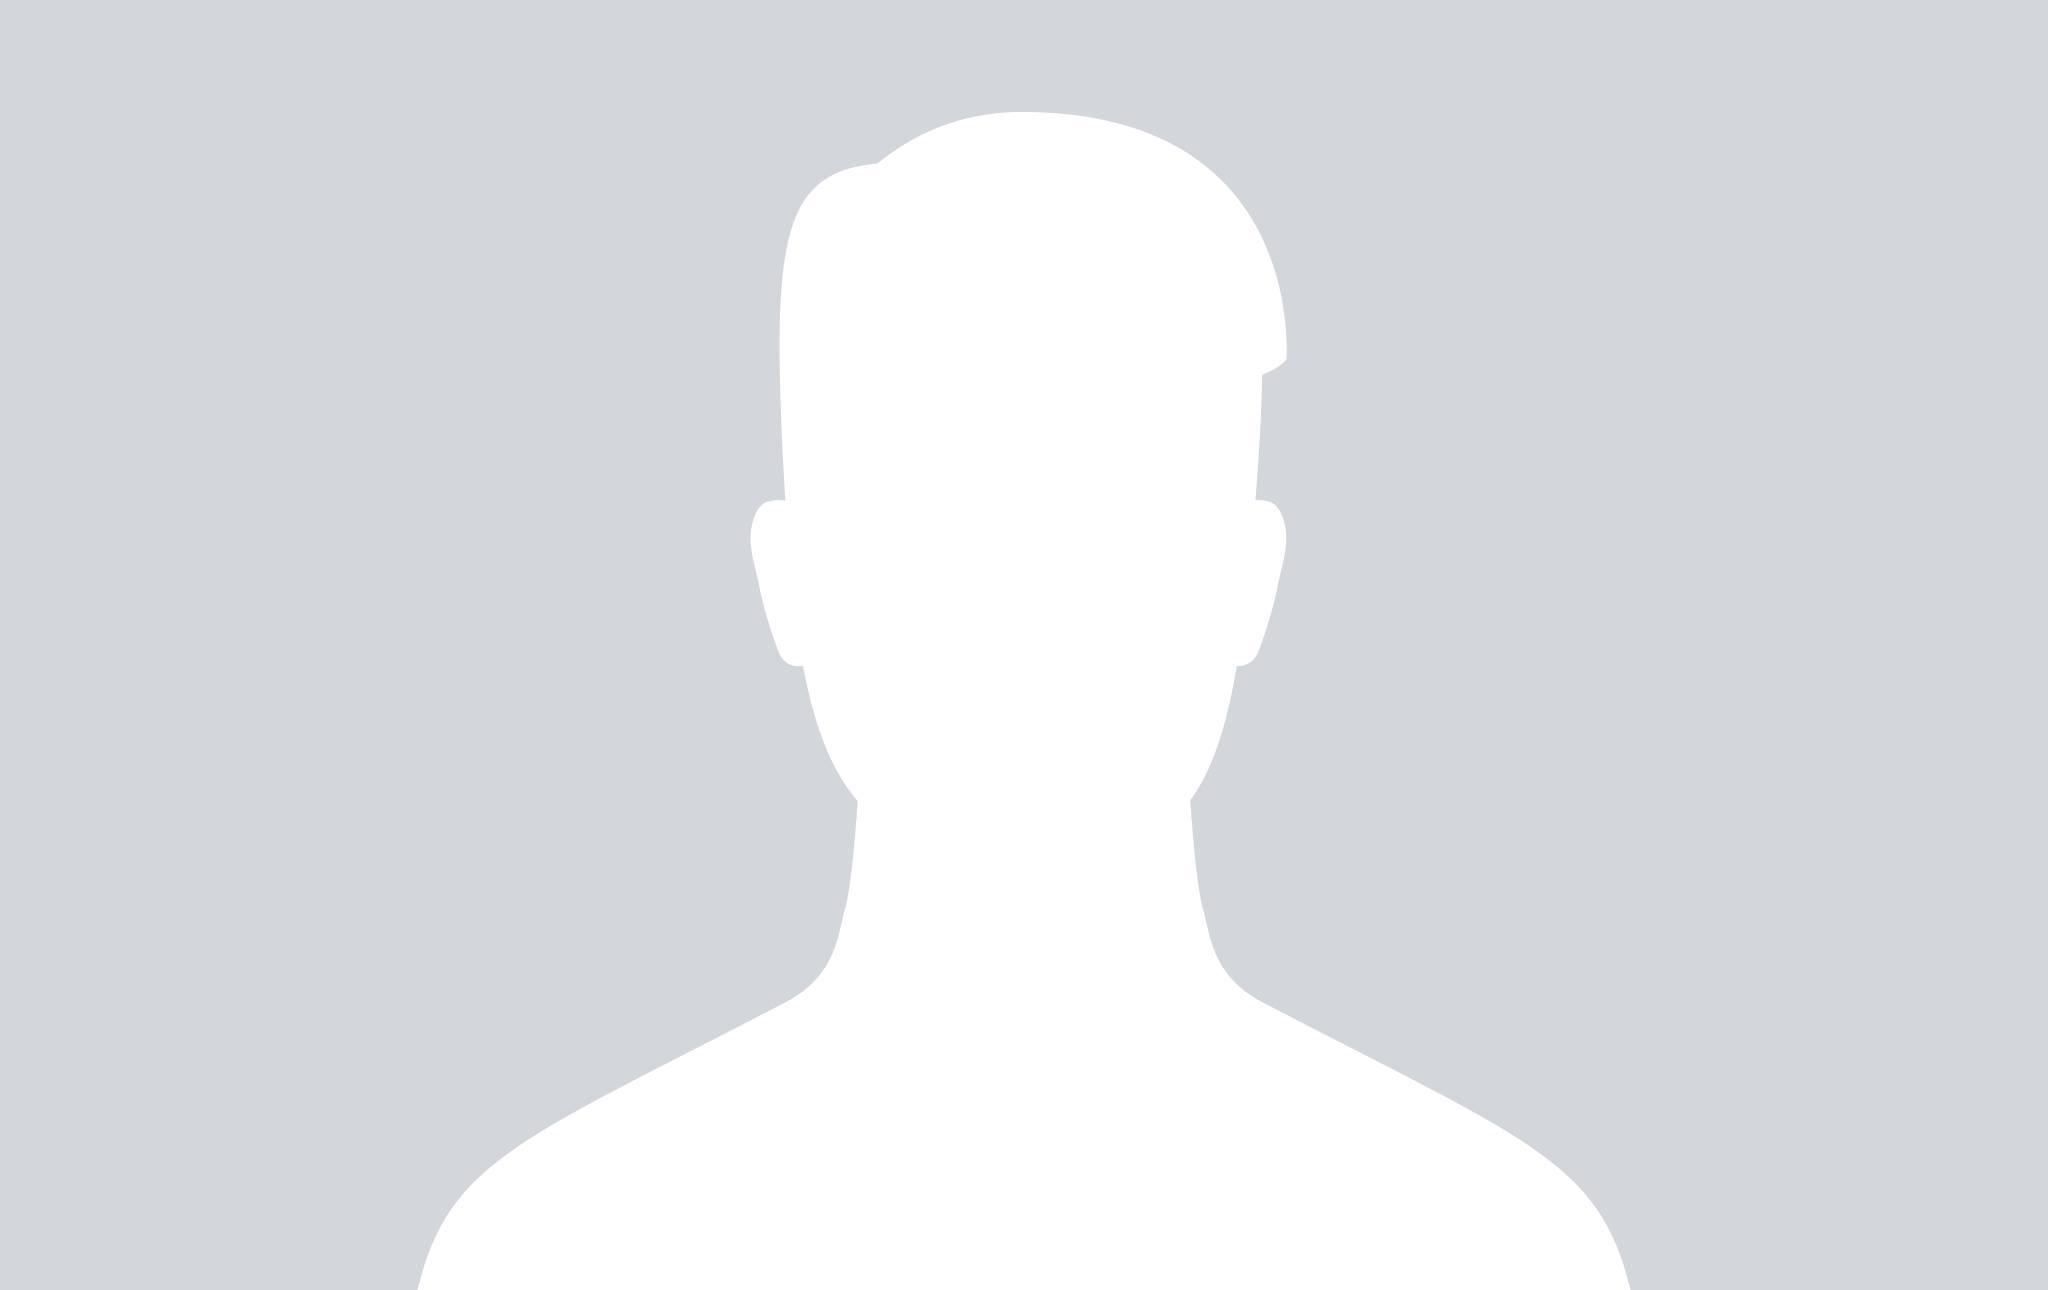 https://d2yht872mhrlra.cloudfront.net/user/130446/user_130446.jpg